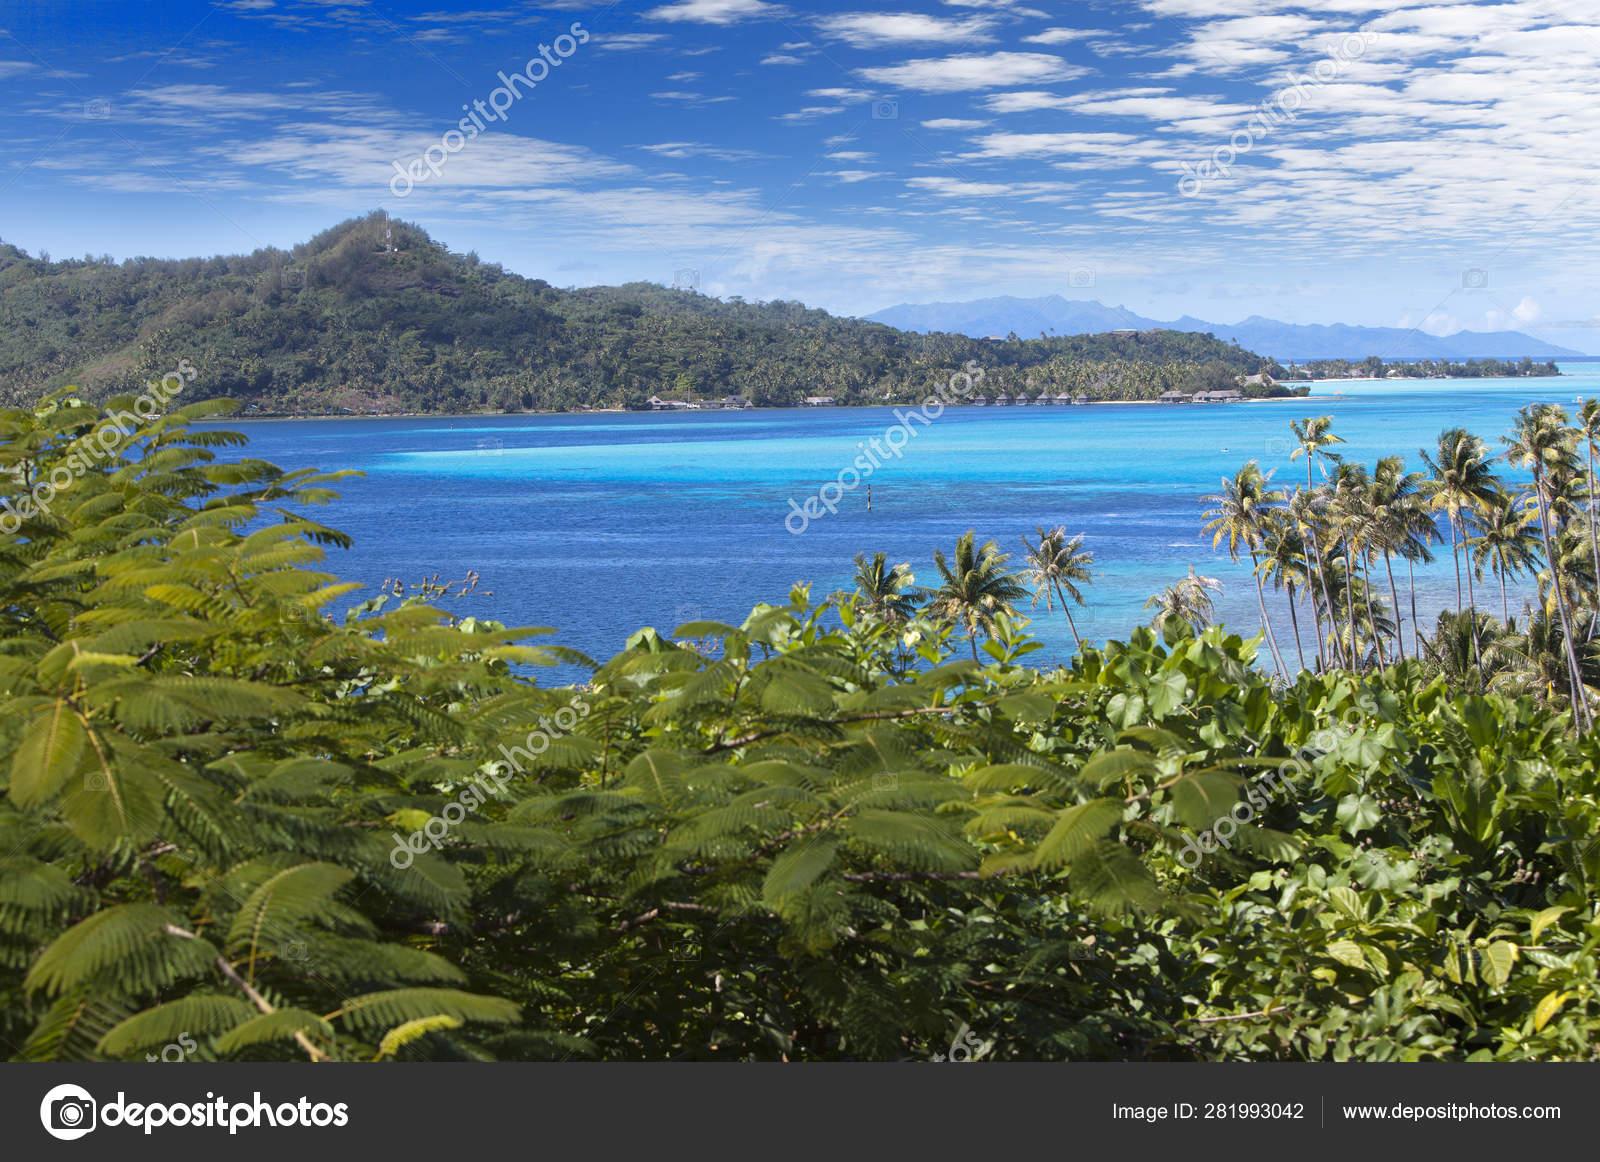 Blue Lagoon Bora Bora Island Polynesia Top View Palm Trees